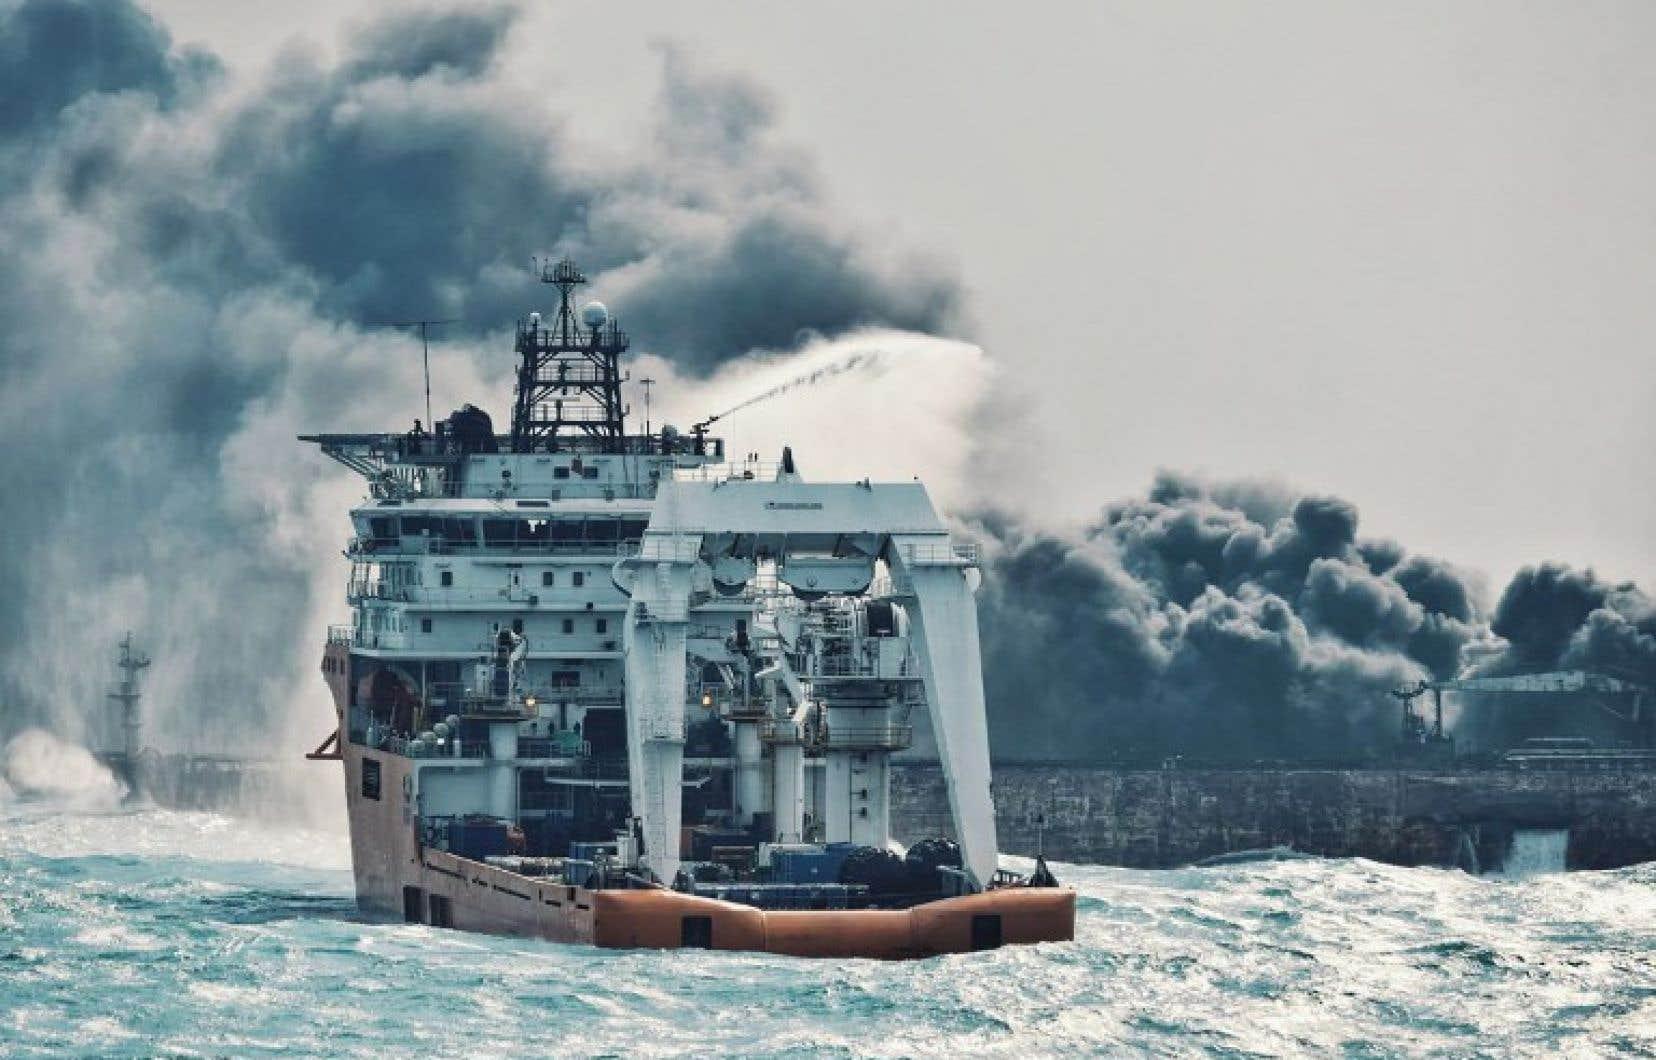 Le navire Sanchi avait 136000 tonnes d'hydrocarbures légers à son bord.